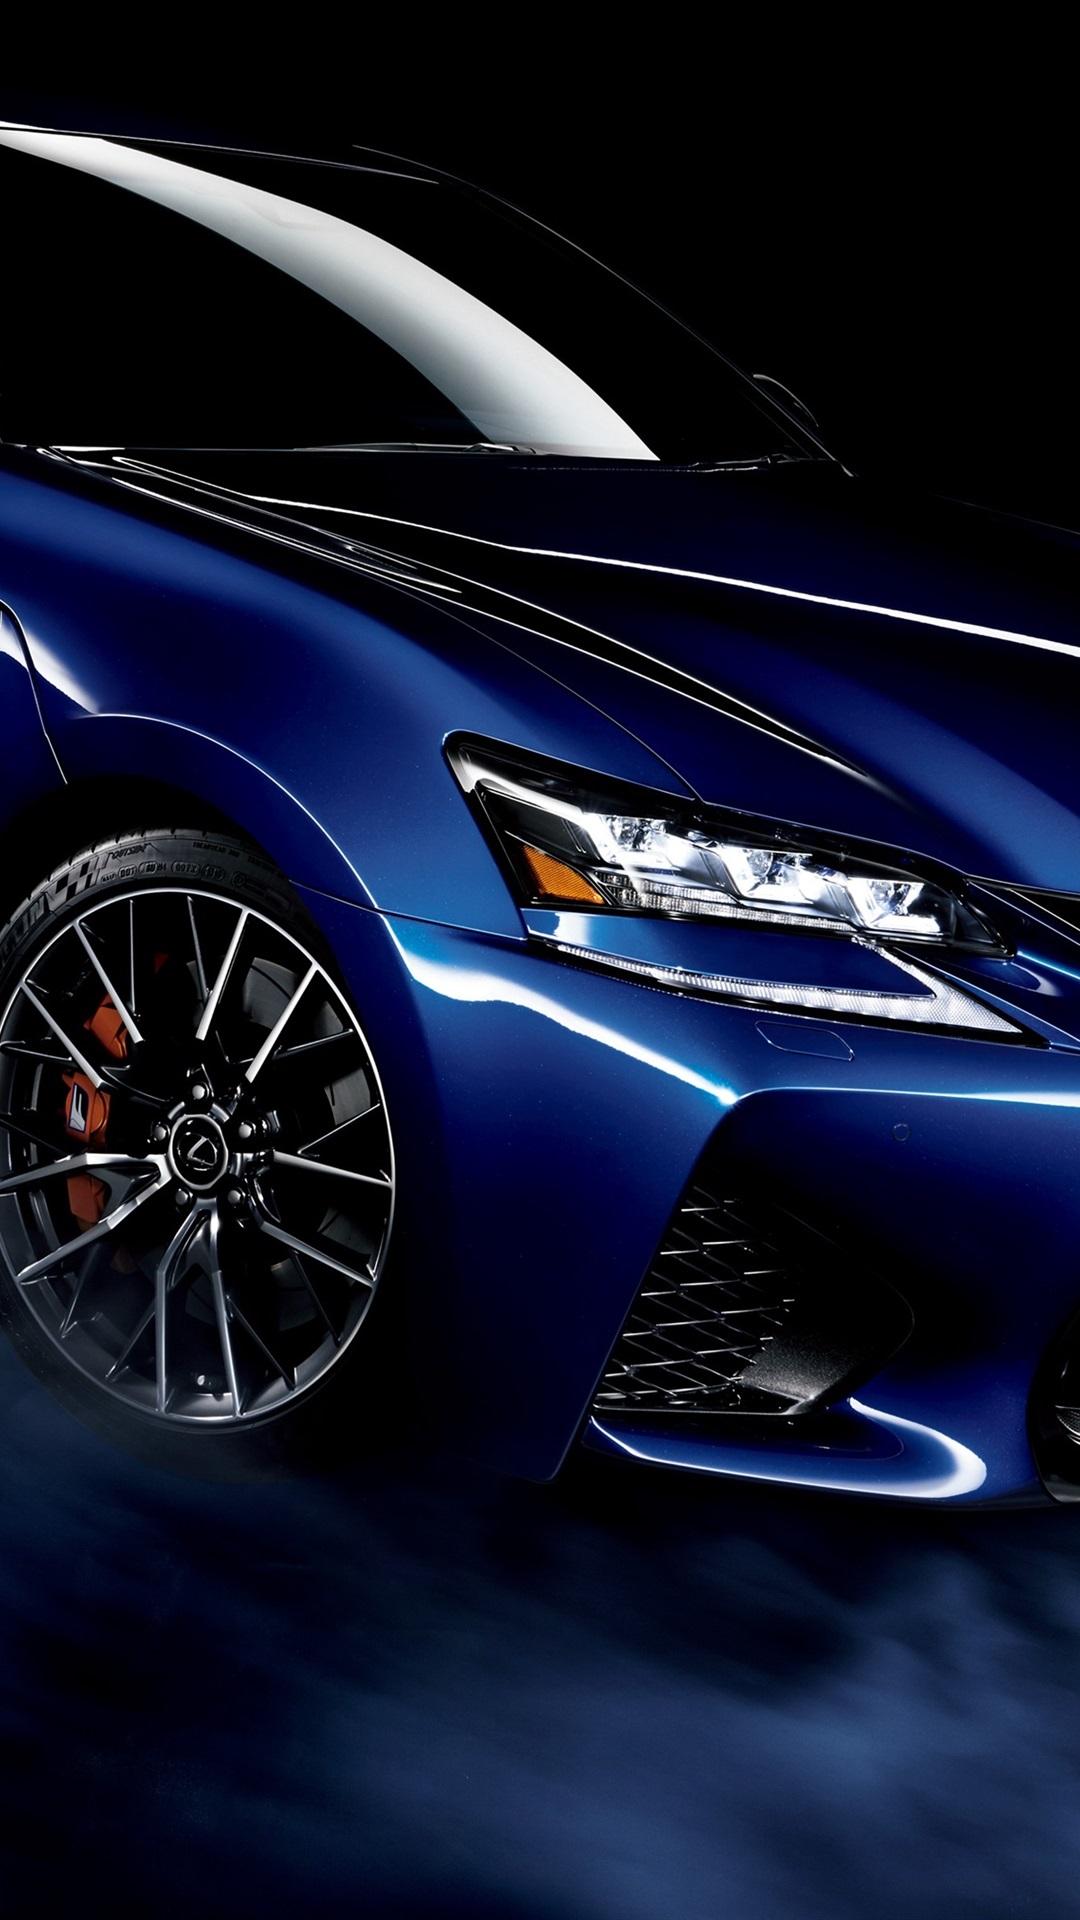 レクサスgs F青い車 煙 黒の背景 1080x19 Iphone 8 7 6 6s Plus 壁紙 背景 画像